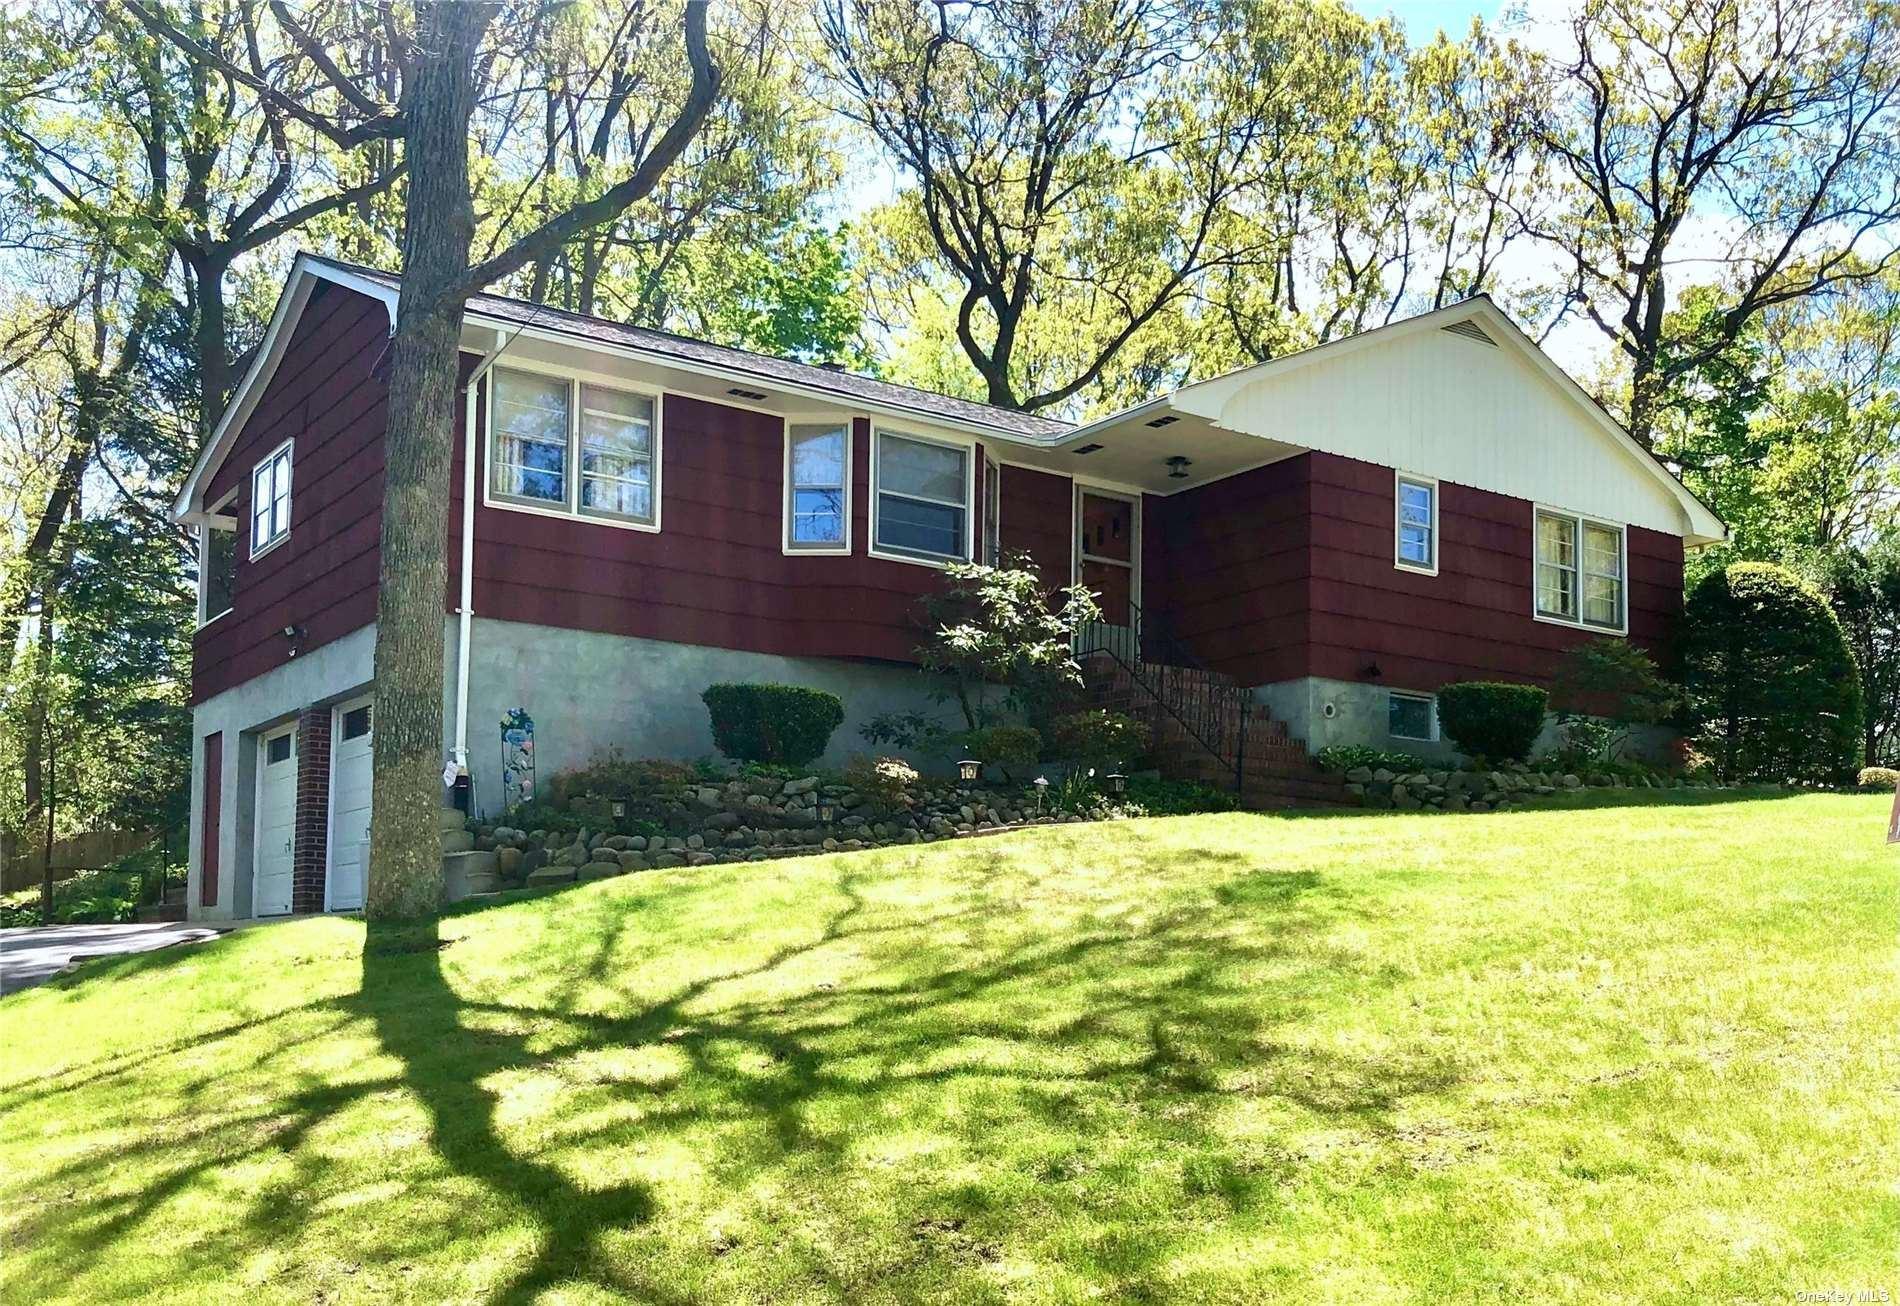 12 Gary Place, Huntington, NY 11743 - MLS#: 3310336